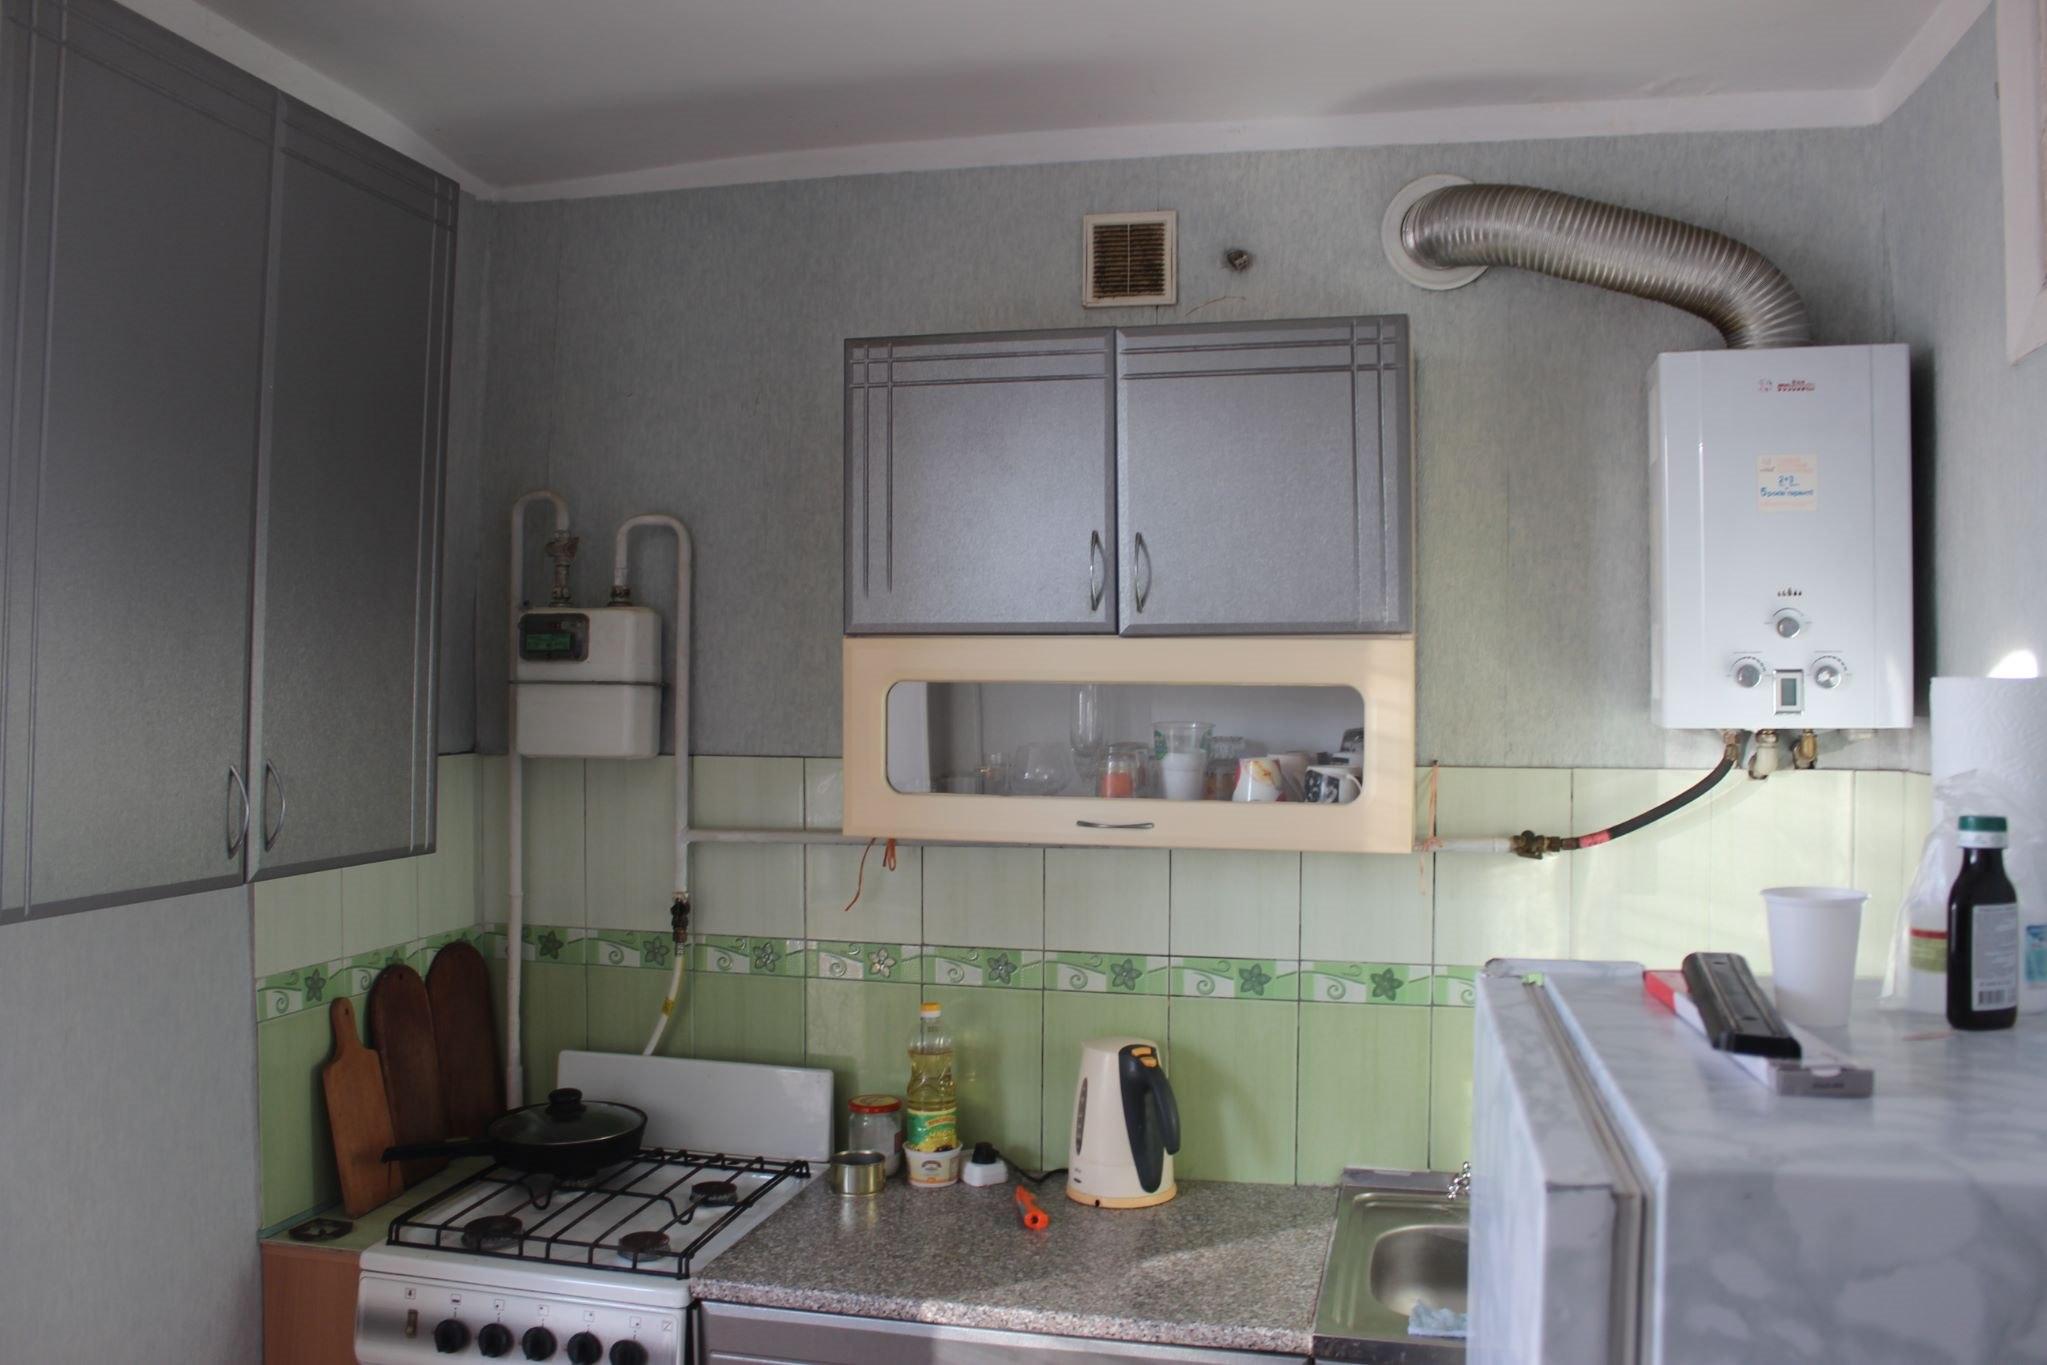 Продажа квартир: 1-комнатная квартира, республика Крым, Феодосия, пгт. Приморский, ул. Гагарина, 13, фото 1